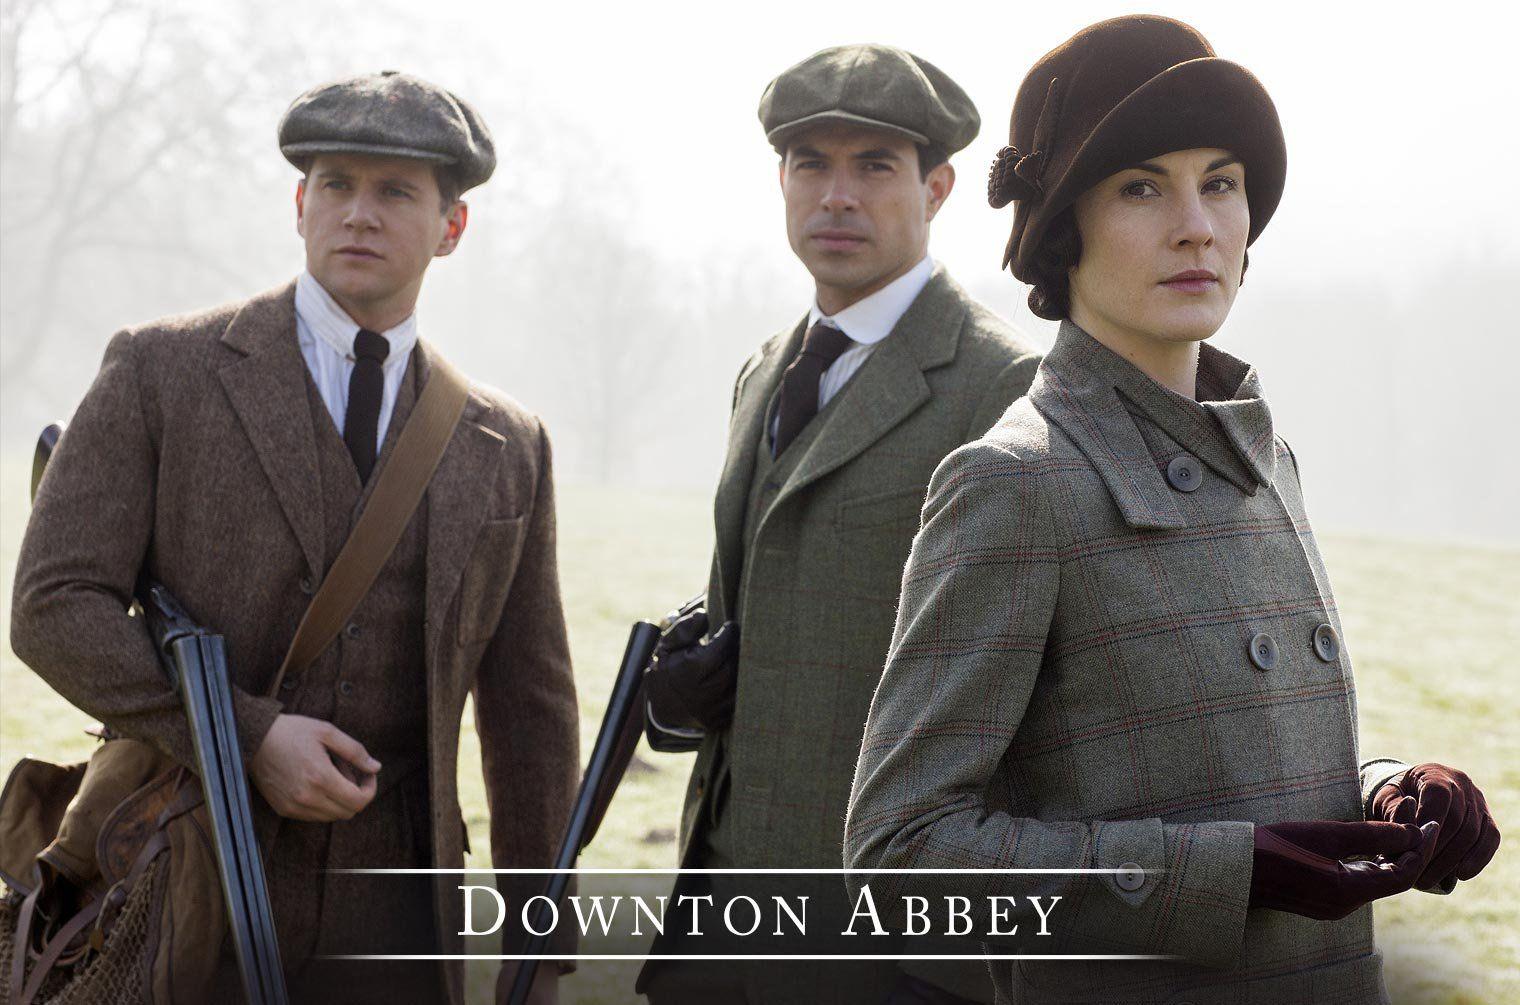 Downton Abbey Staffel 5 Alemania Blu Ray Ad Staffel Abbey Downton Ray Your Turn